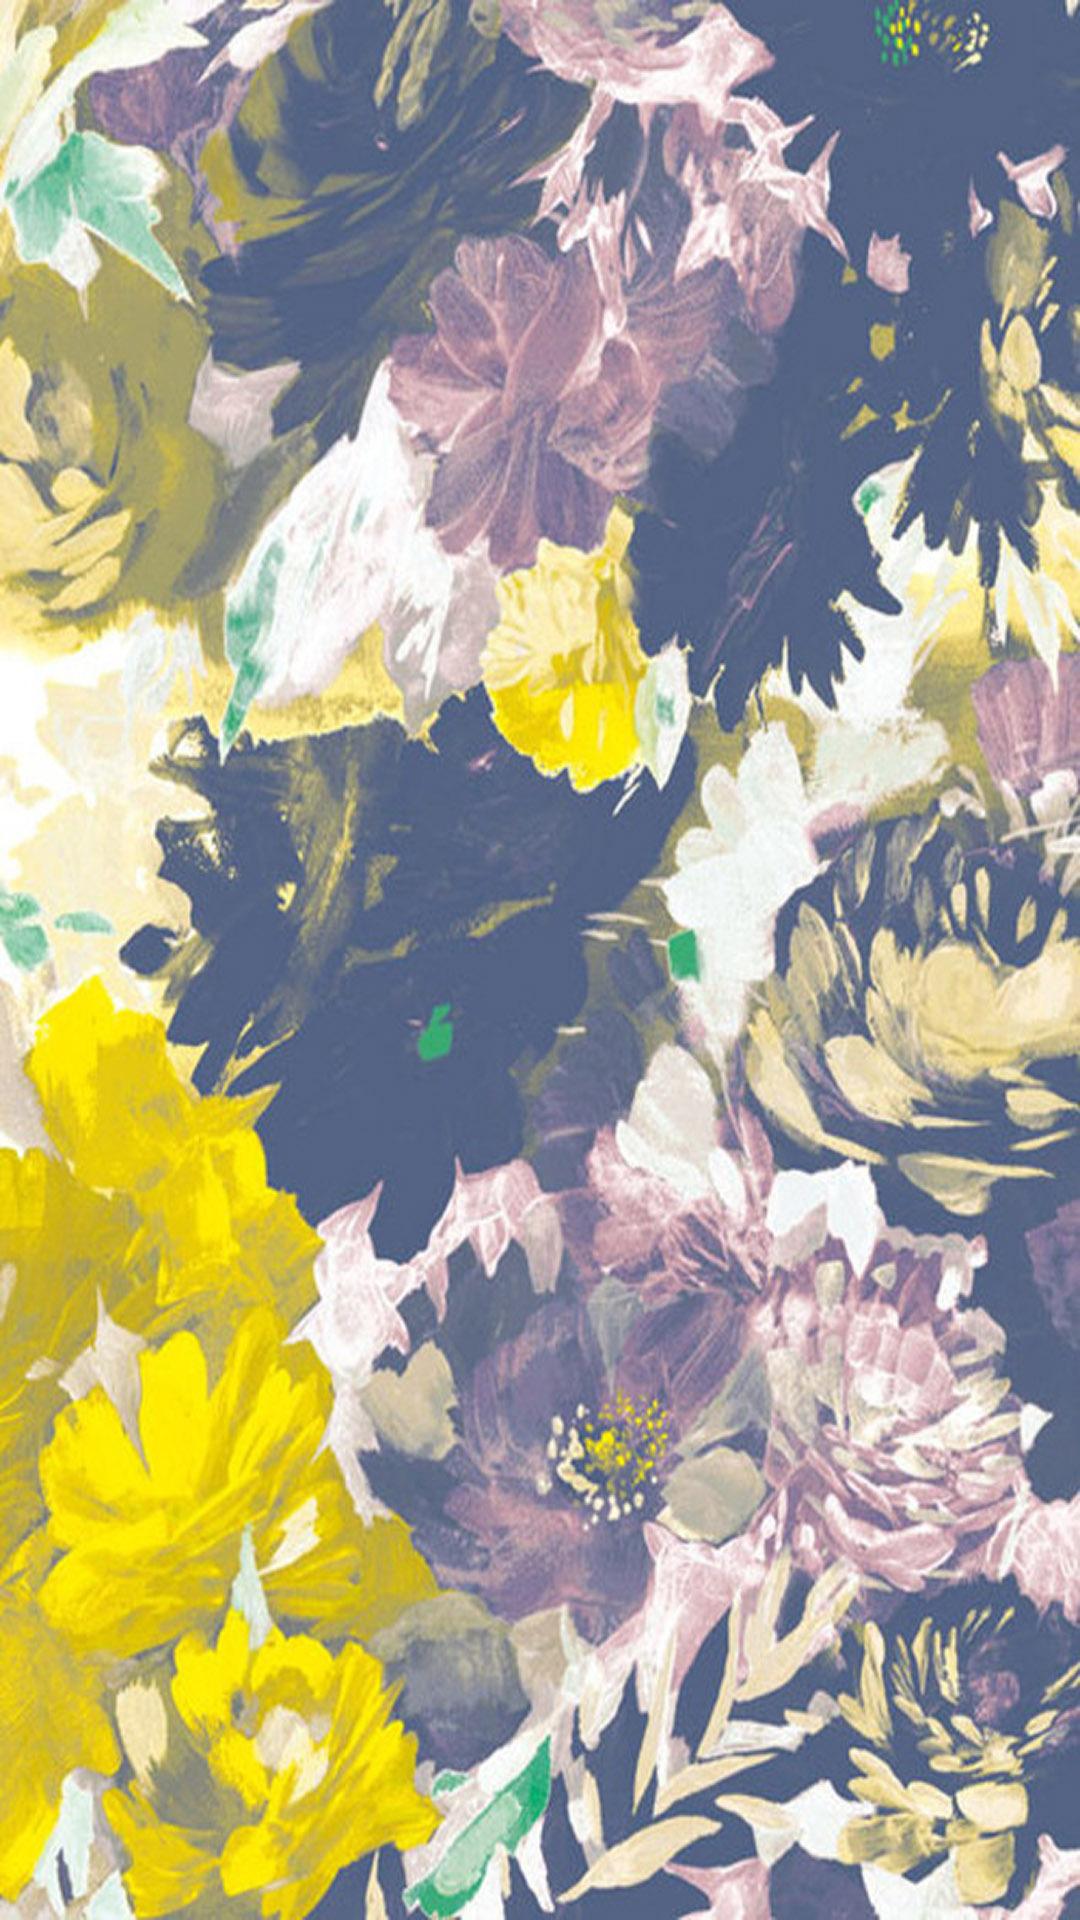 绘画牡丹花 水墨 色彩 苹果手机高清壁纸 1080x1920 爱思助手